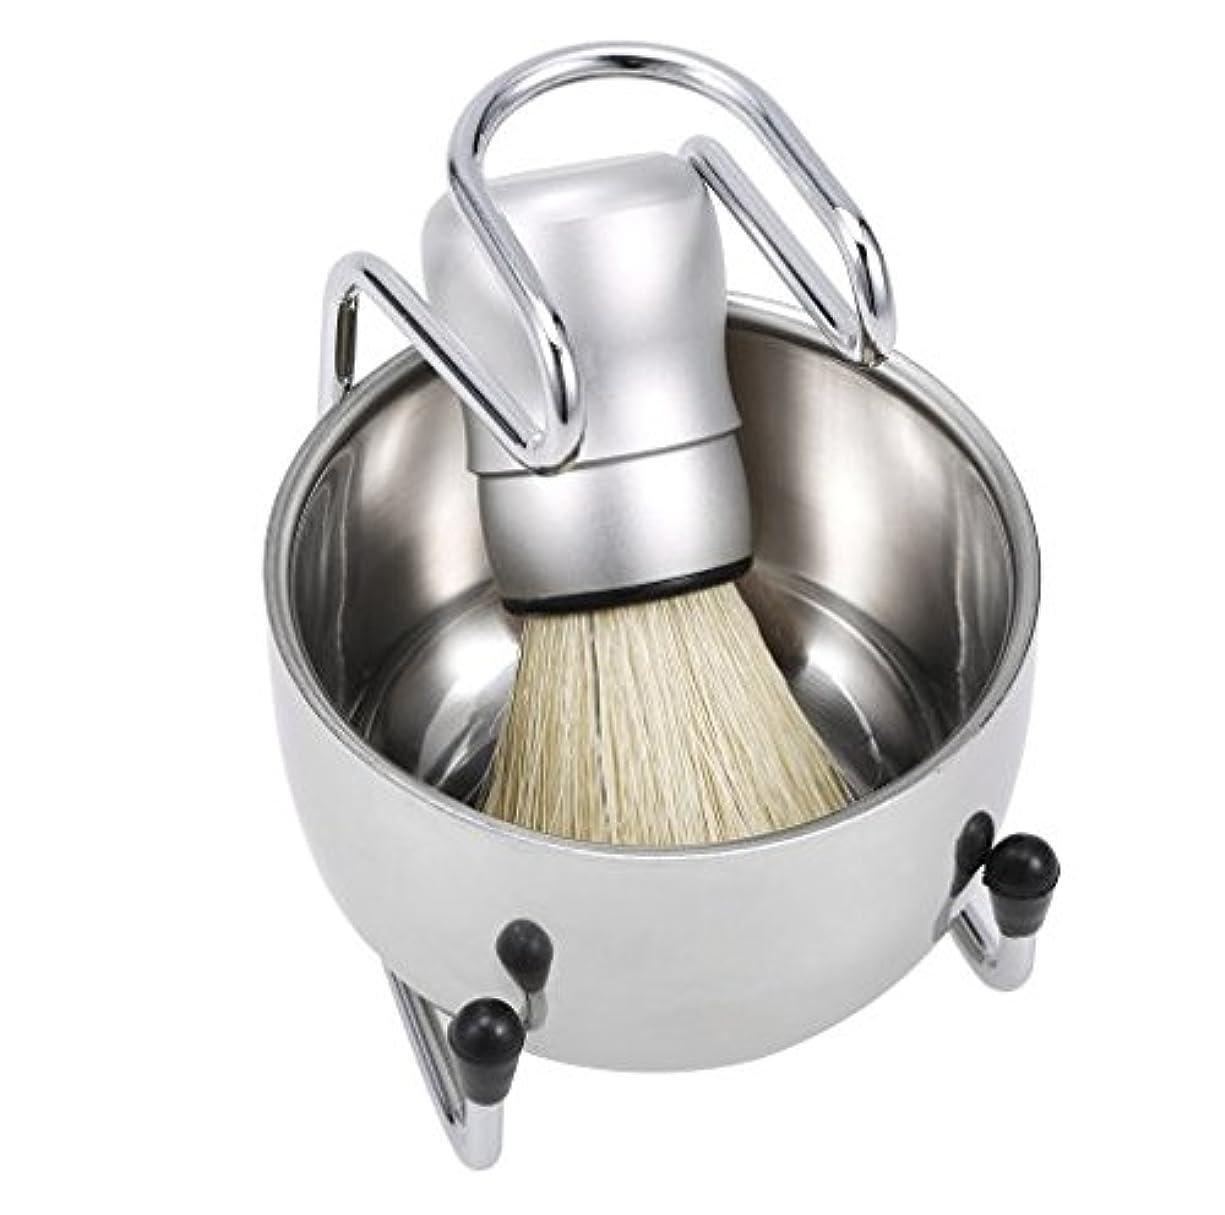 座る真向こう準備する3 in 1 Men's Shaving Tools Set Well Polished Shaving Brush Soap Bowl Stand Holder Badger Hair Male Face Cleaning